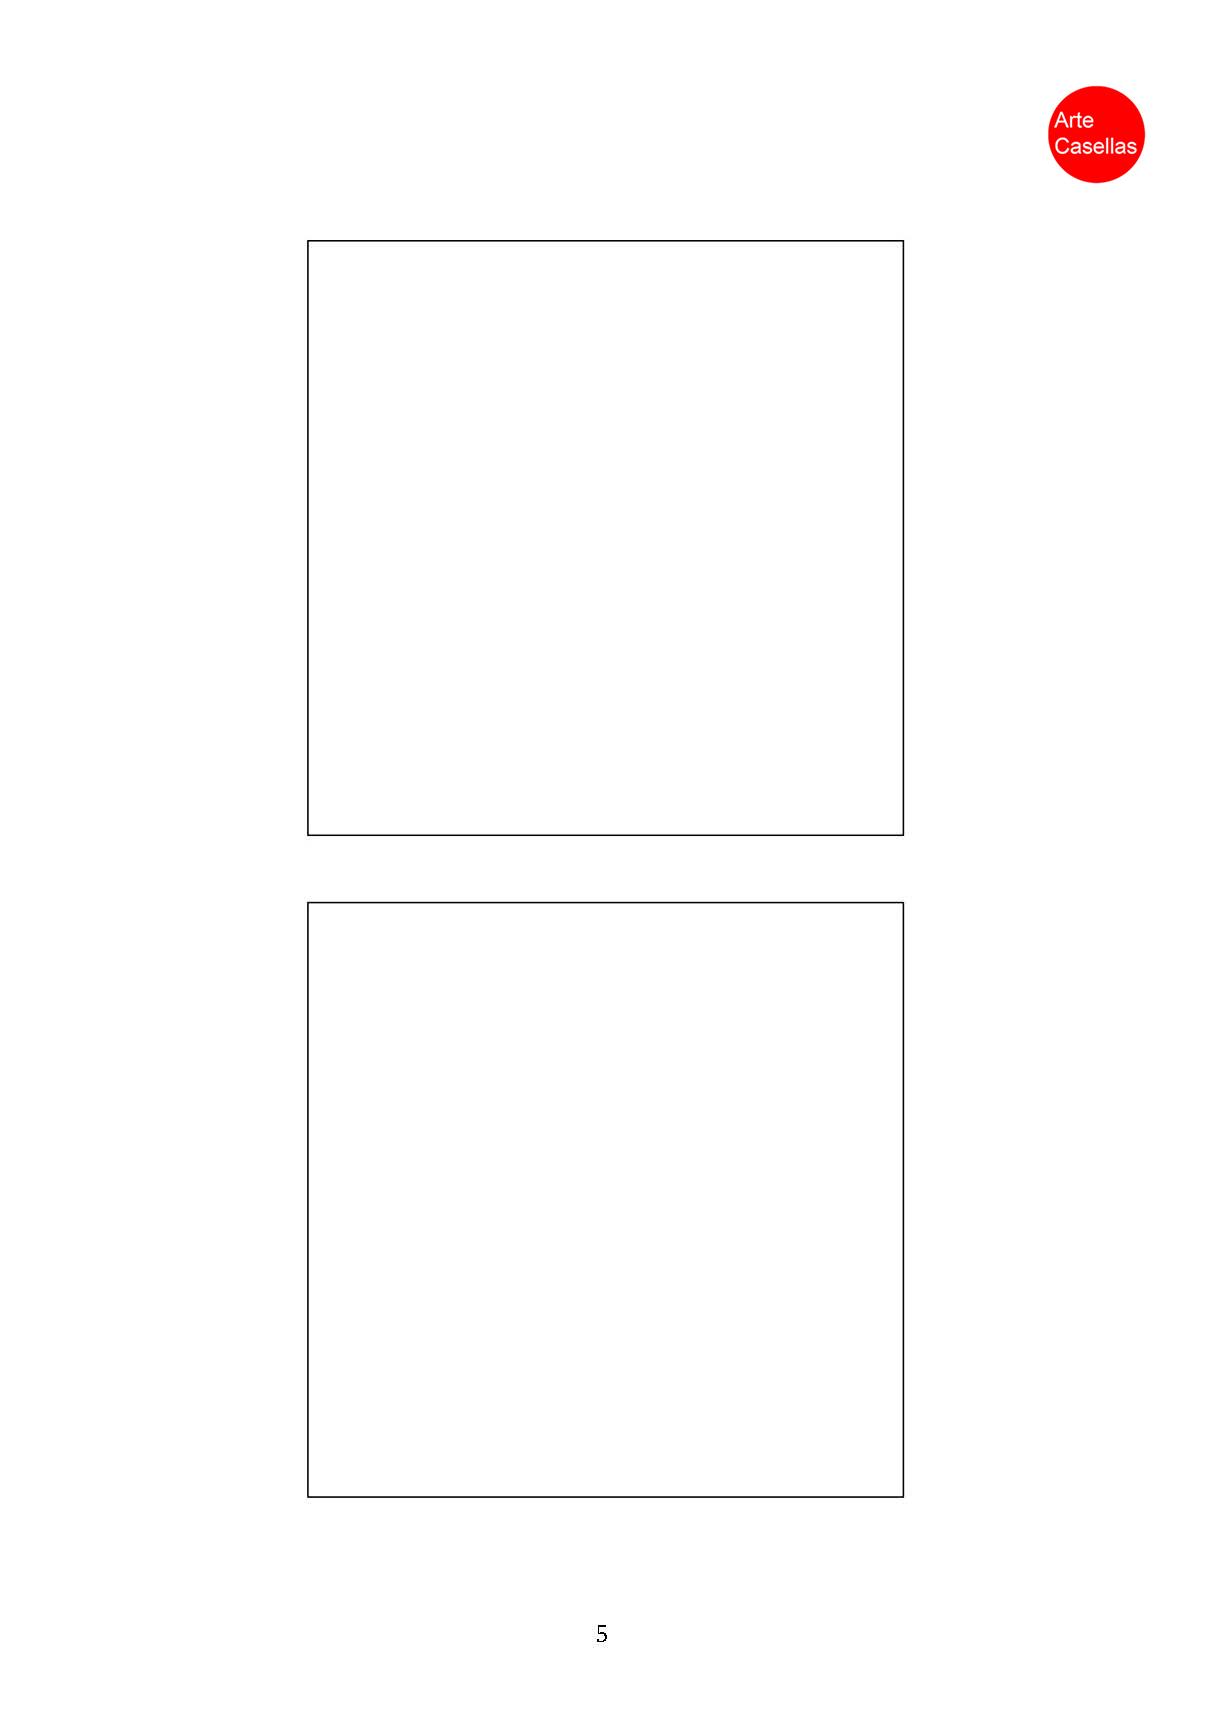 Arte Casellas. Modelo examen prueba específca Arte Diez Ilustración 2018. Clases preparación. Presencial. Online 5